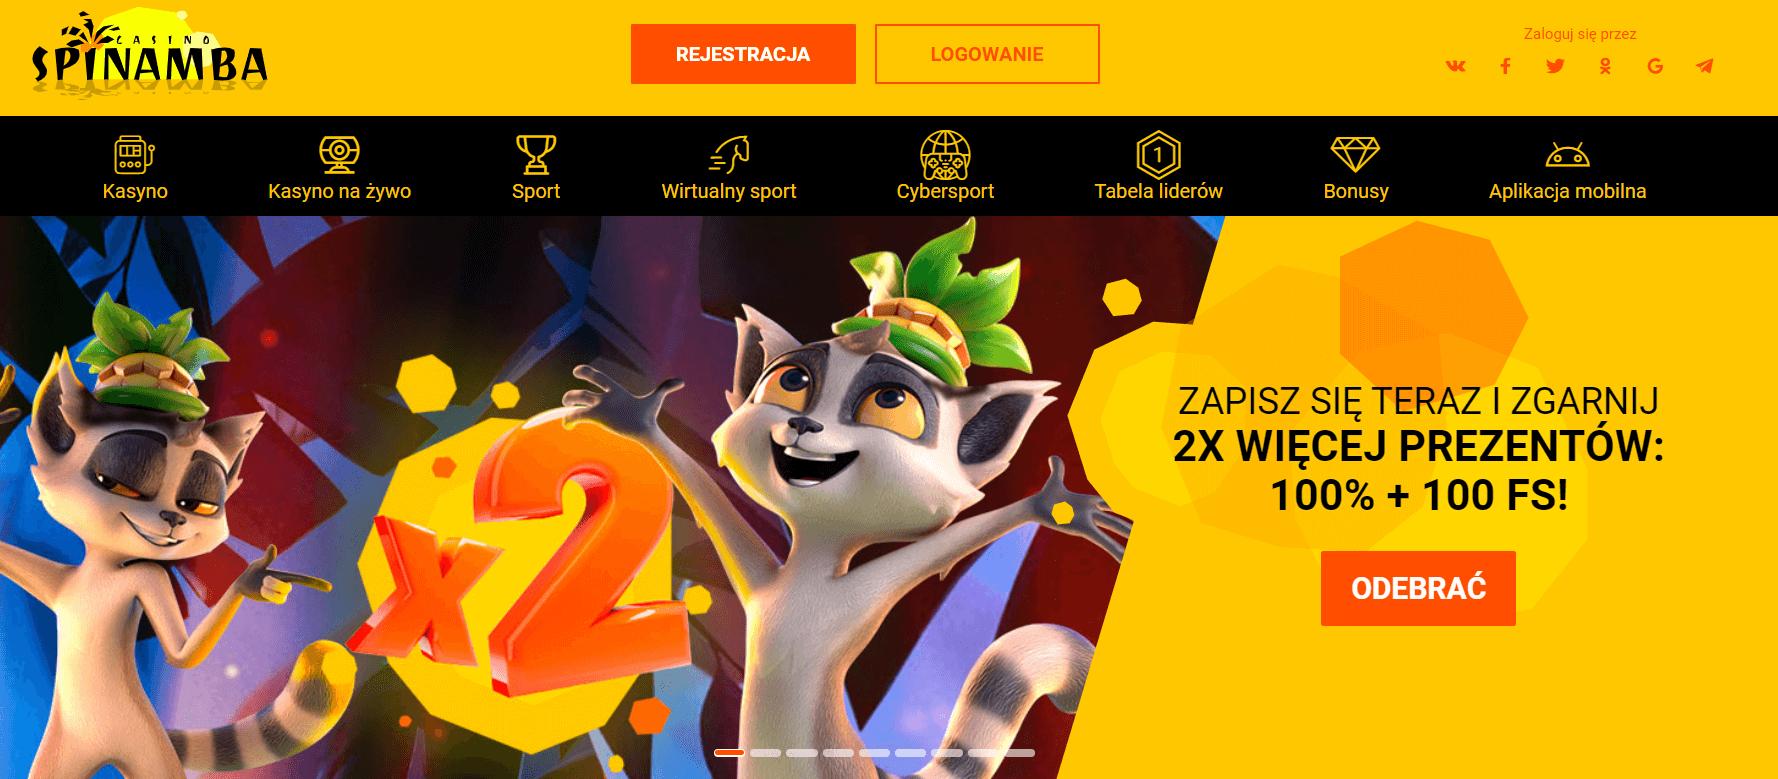 spinamba casino bonusy powitalne screenshot